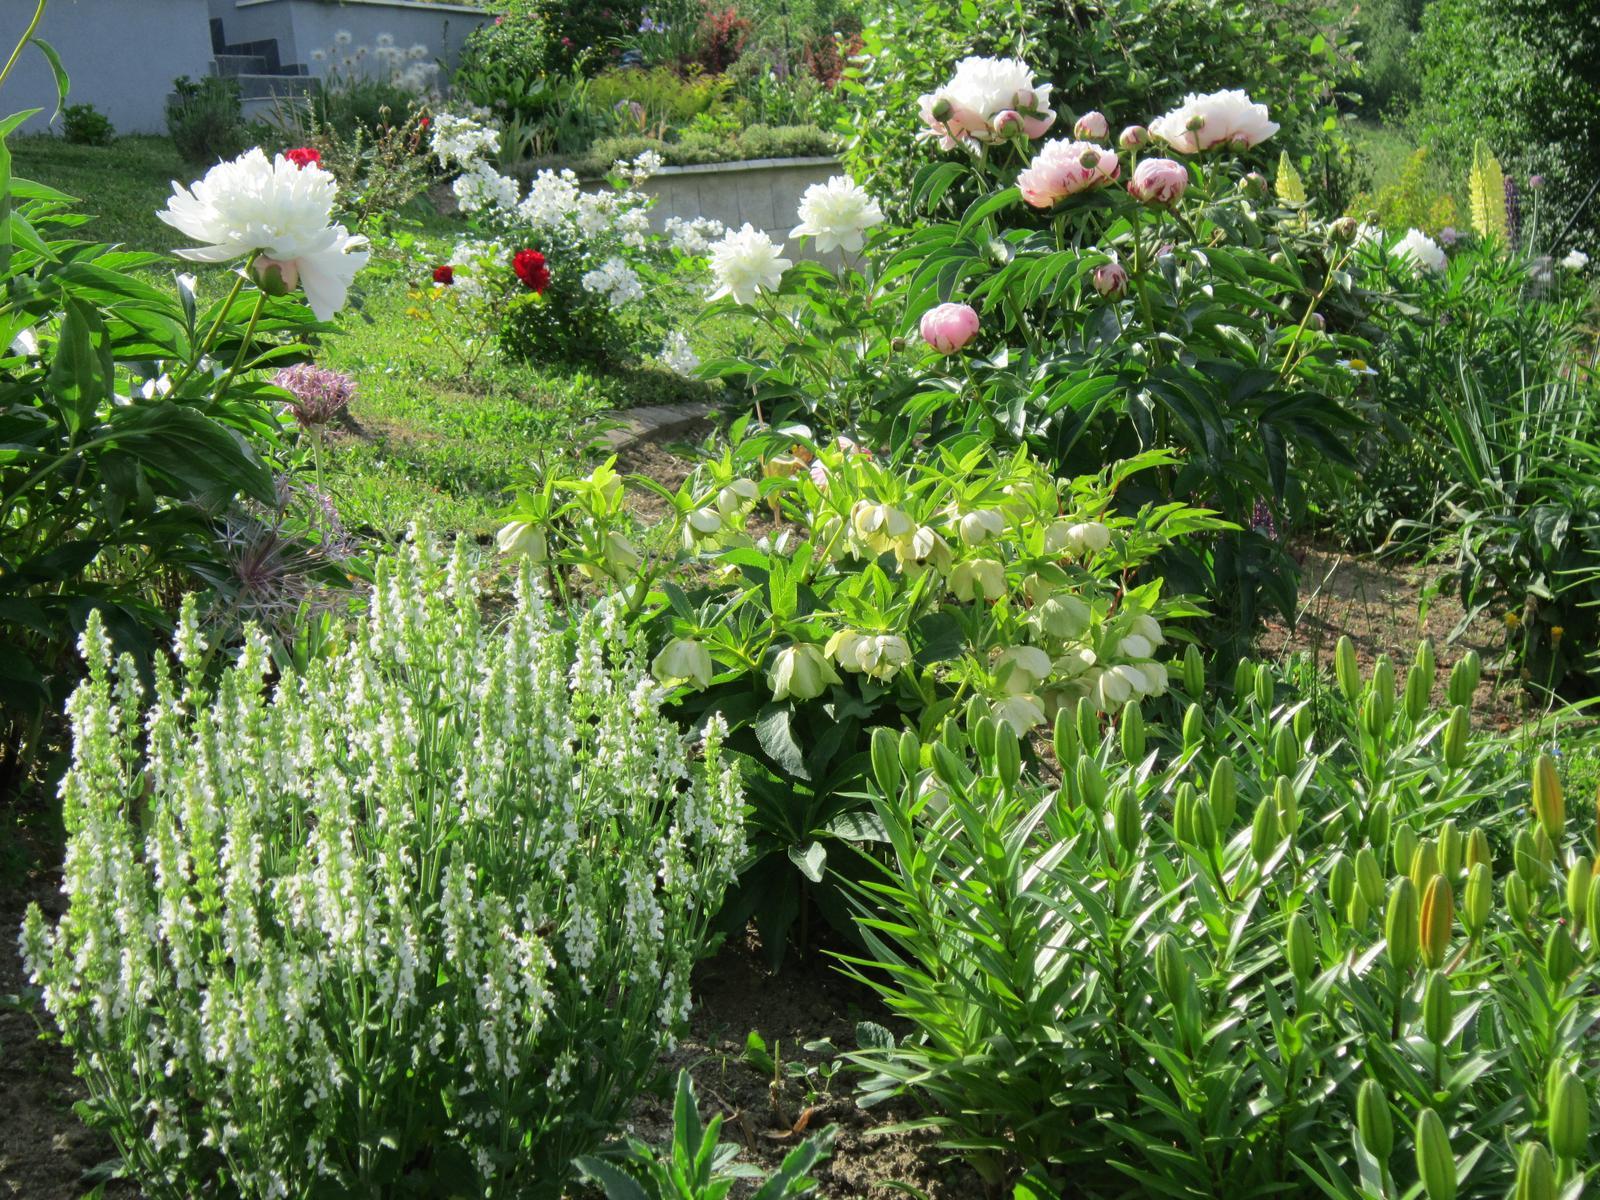 Pozvanie do našej jarnej záhrady - Obrázok č. 64